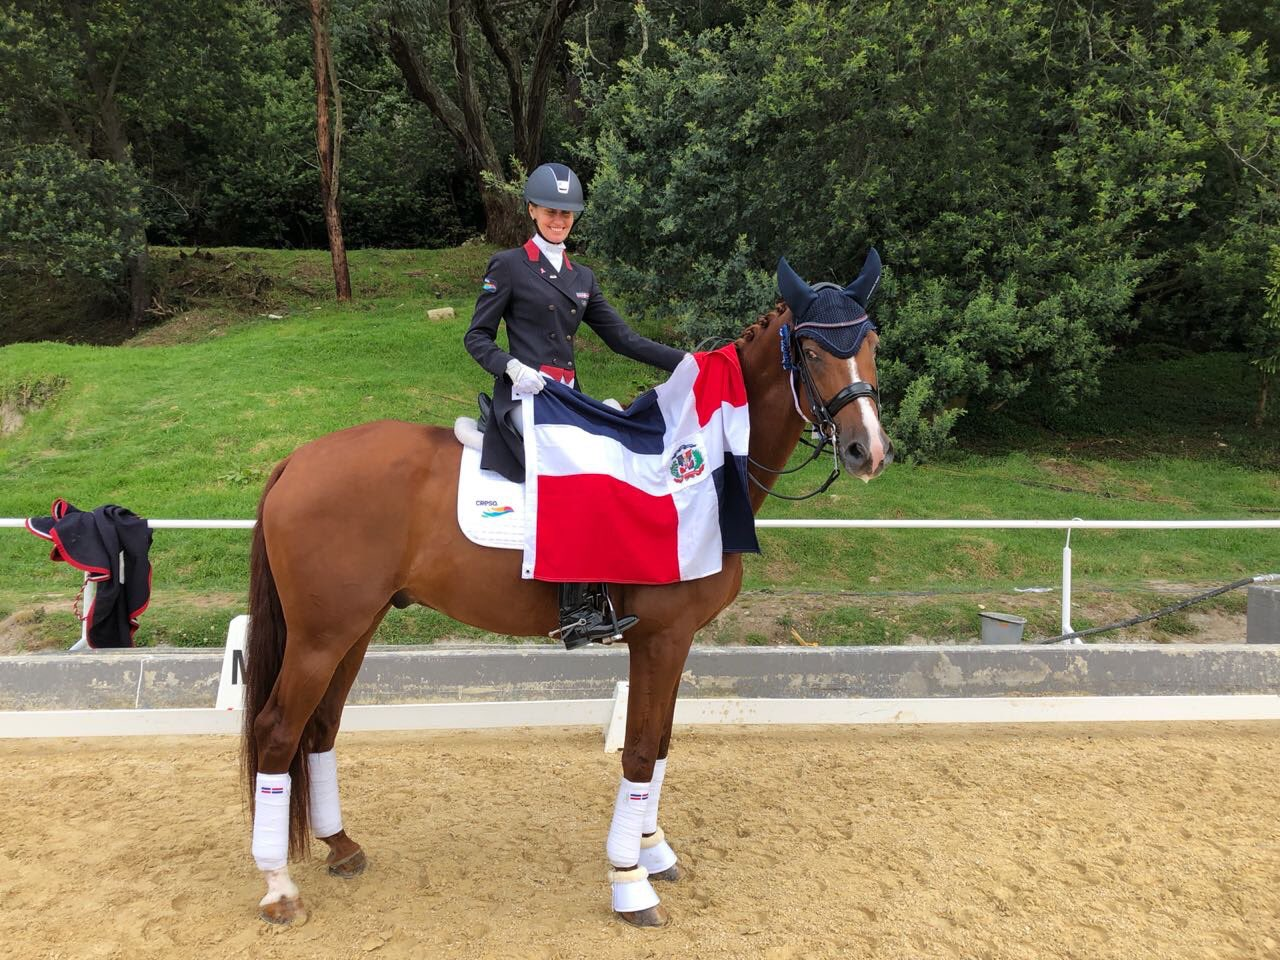 Yvonne Losos clasifica a Juegos Olímpicos de Tokio en deportes ecuestres -  Z 101 Digital